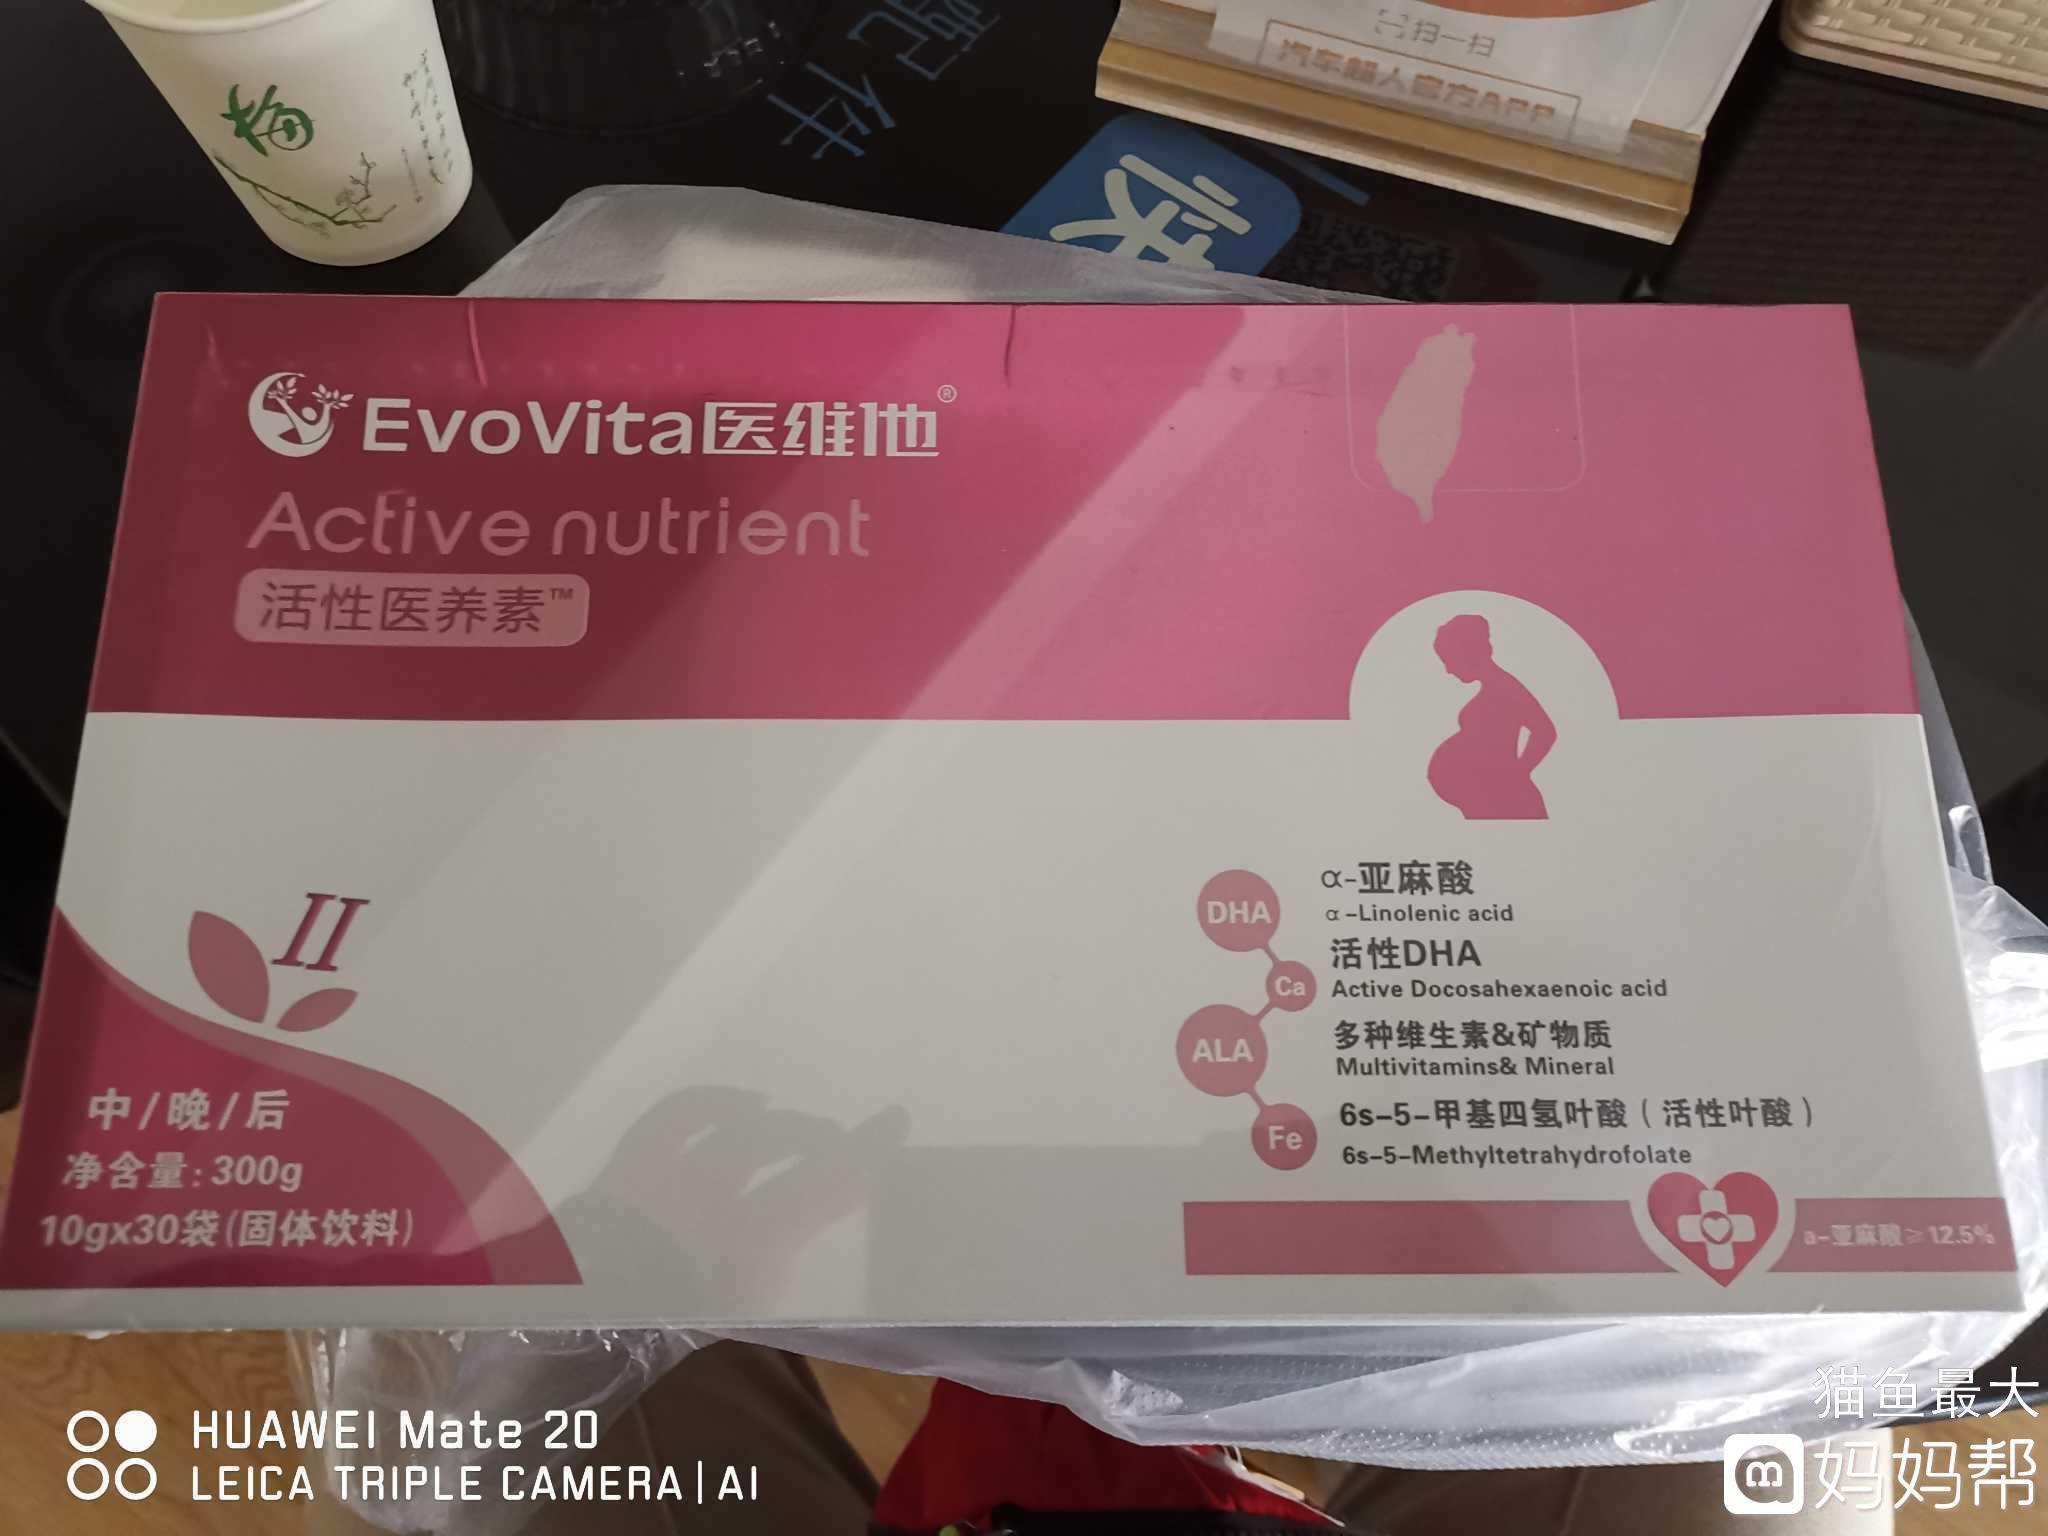 国医大师禤国维:两个生发汤,补肝肾养颜值  补益肝肾滋阴养血